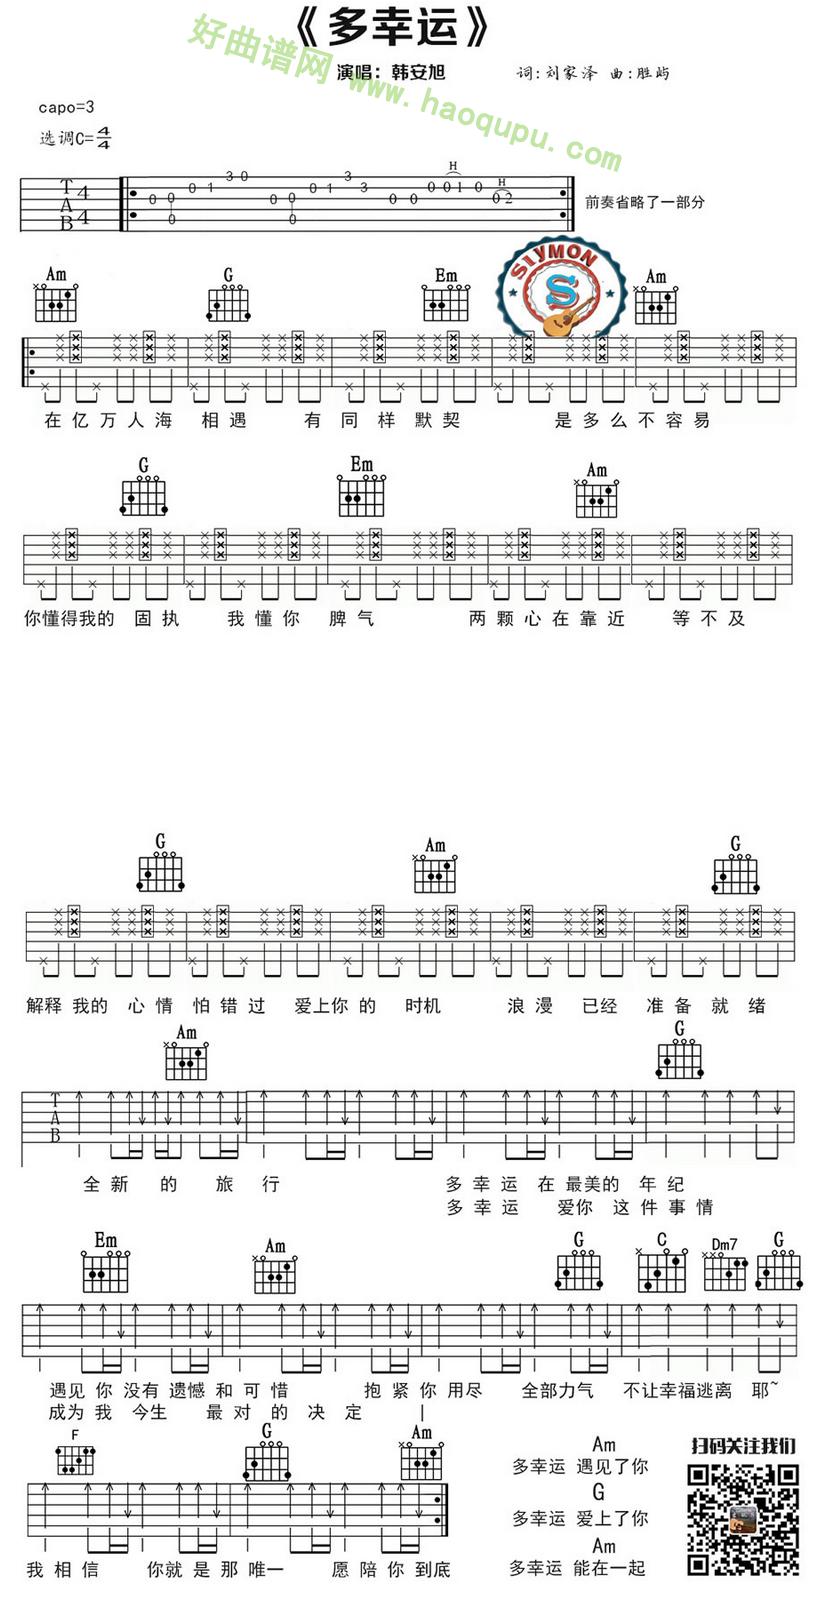 等我遇见你吉他谱